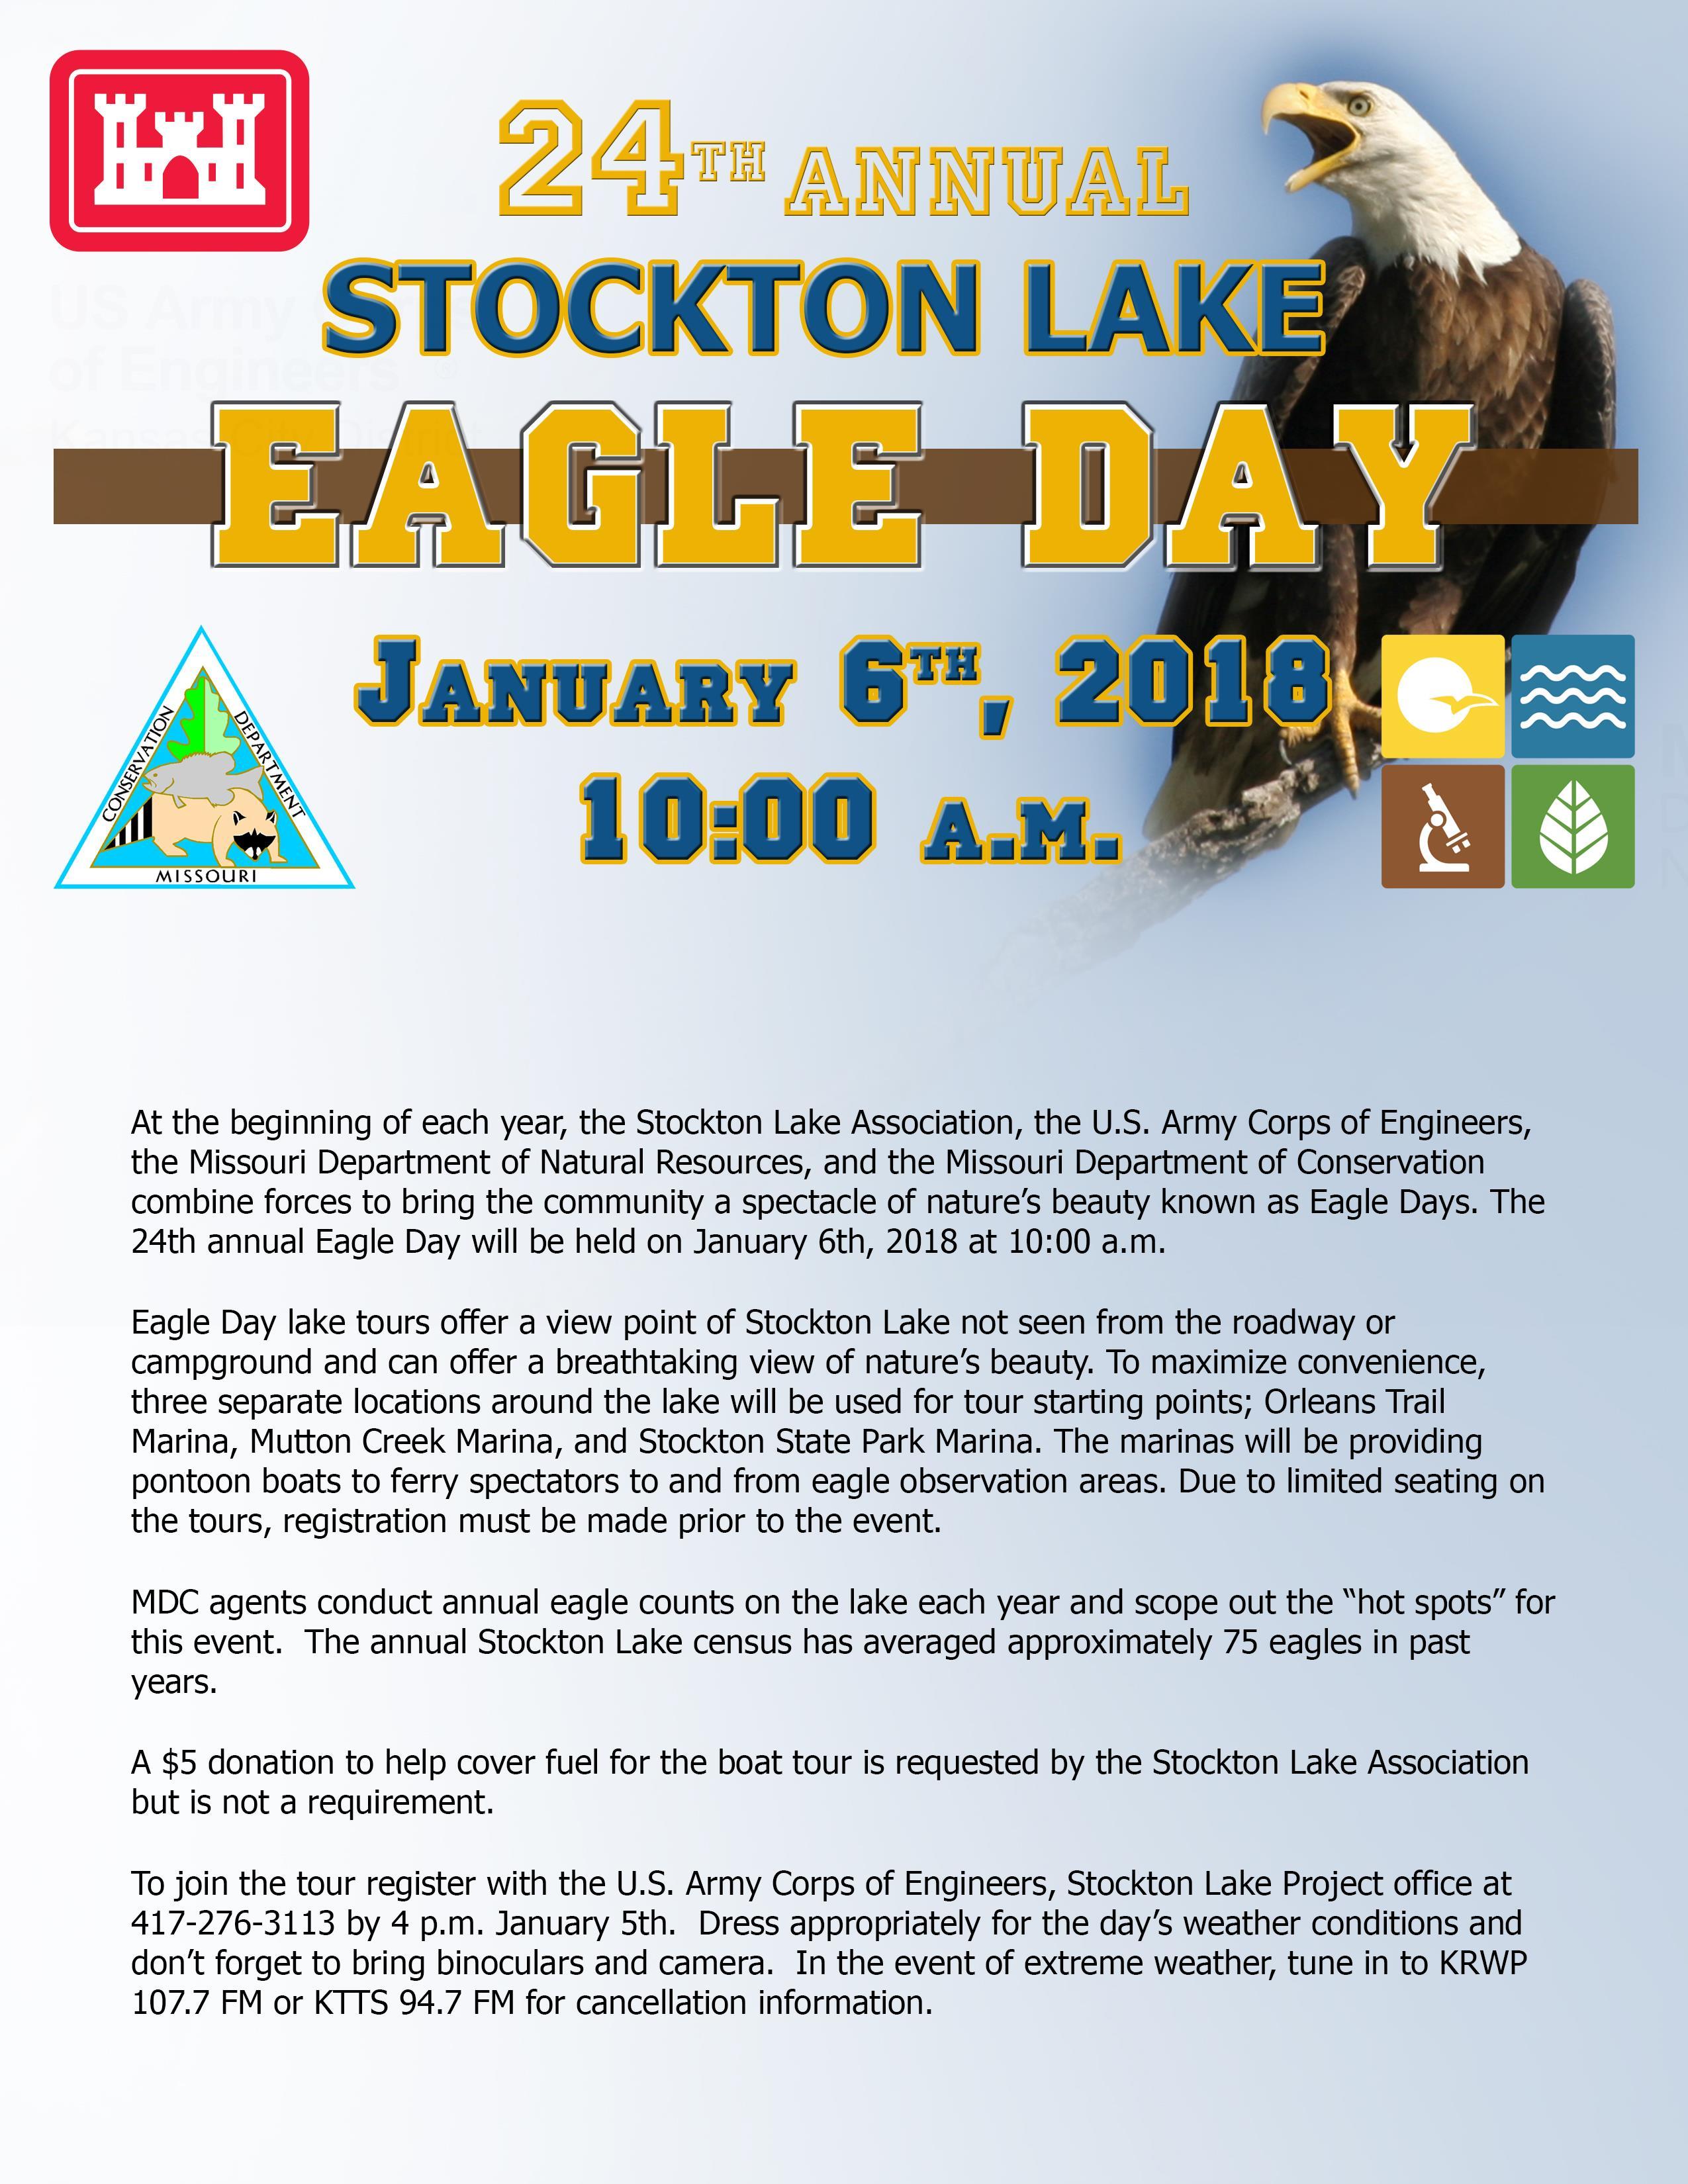 Stockton Lake Eagle Day Scheduled Kansas City District Kansas - 5 day forecast kansas city